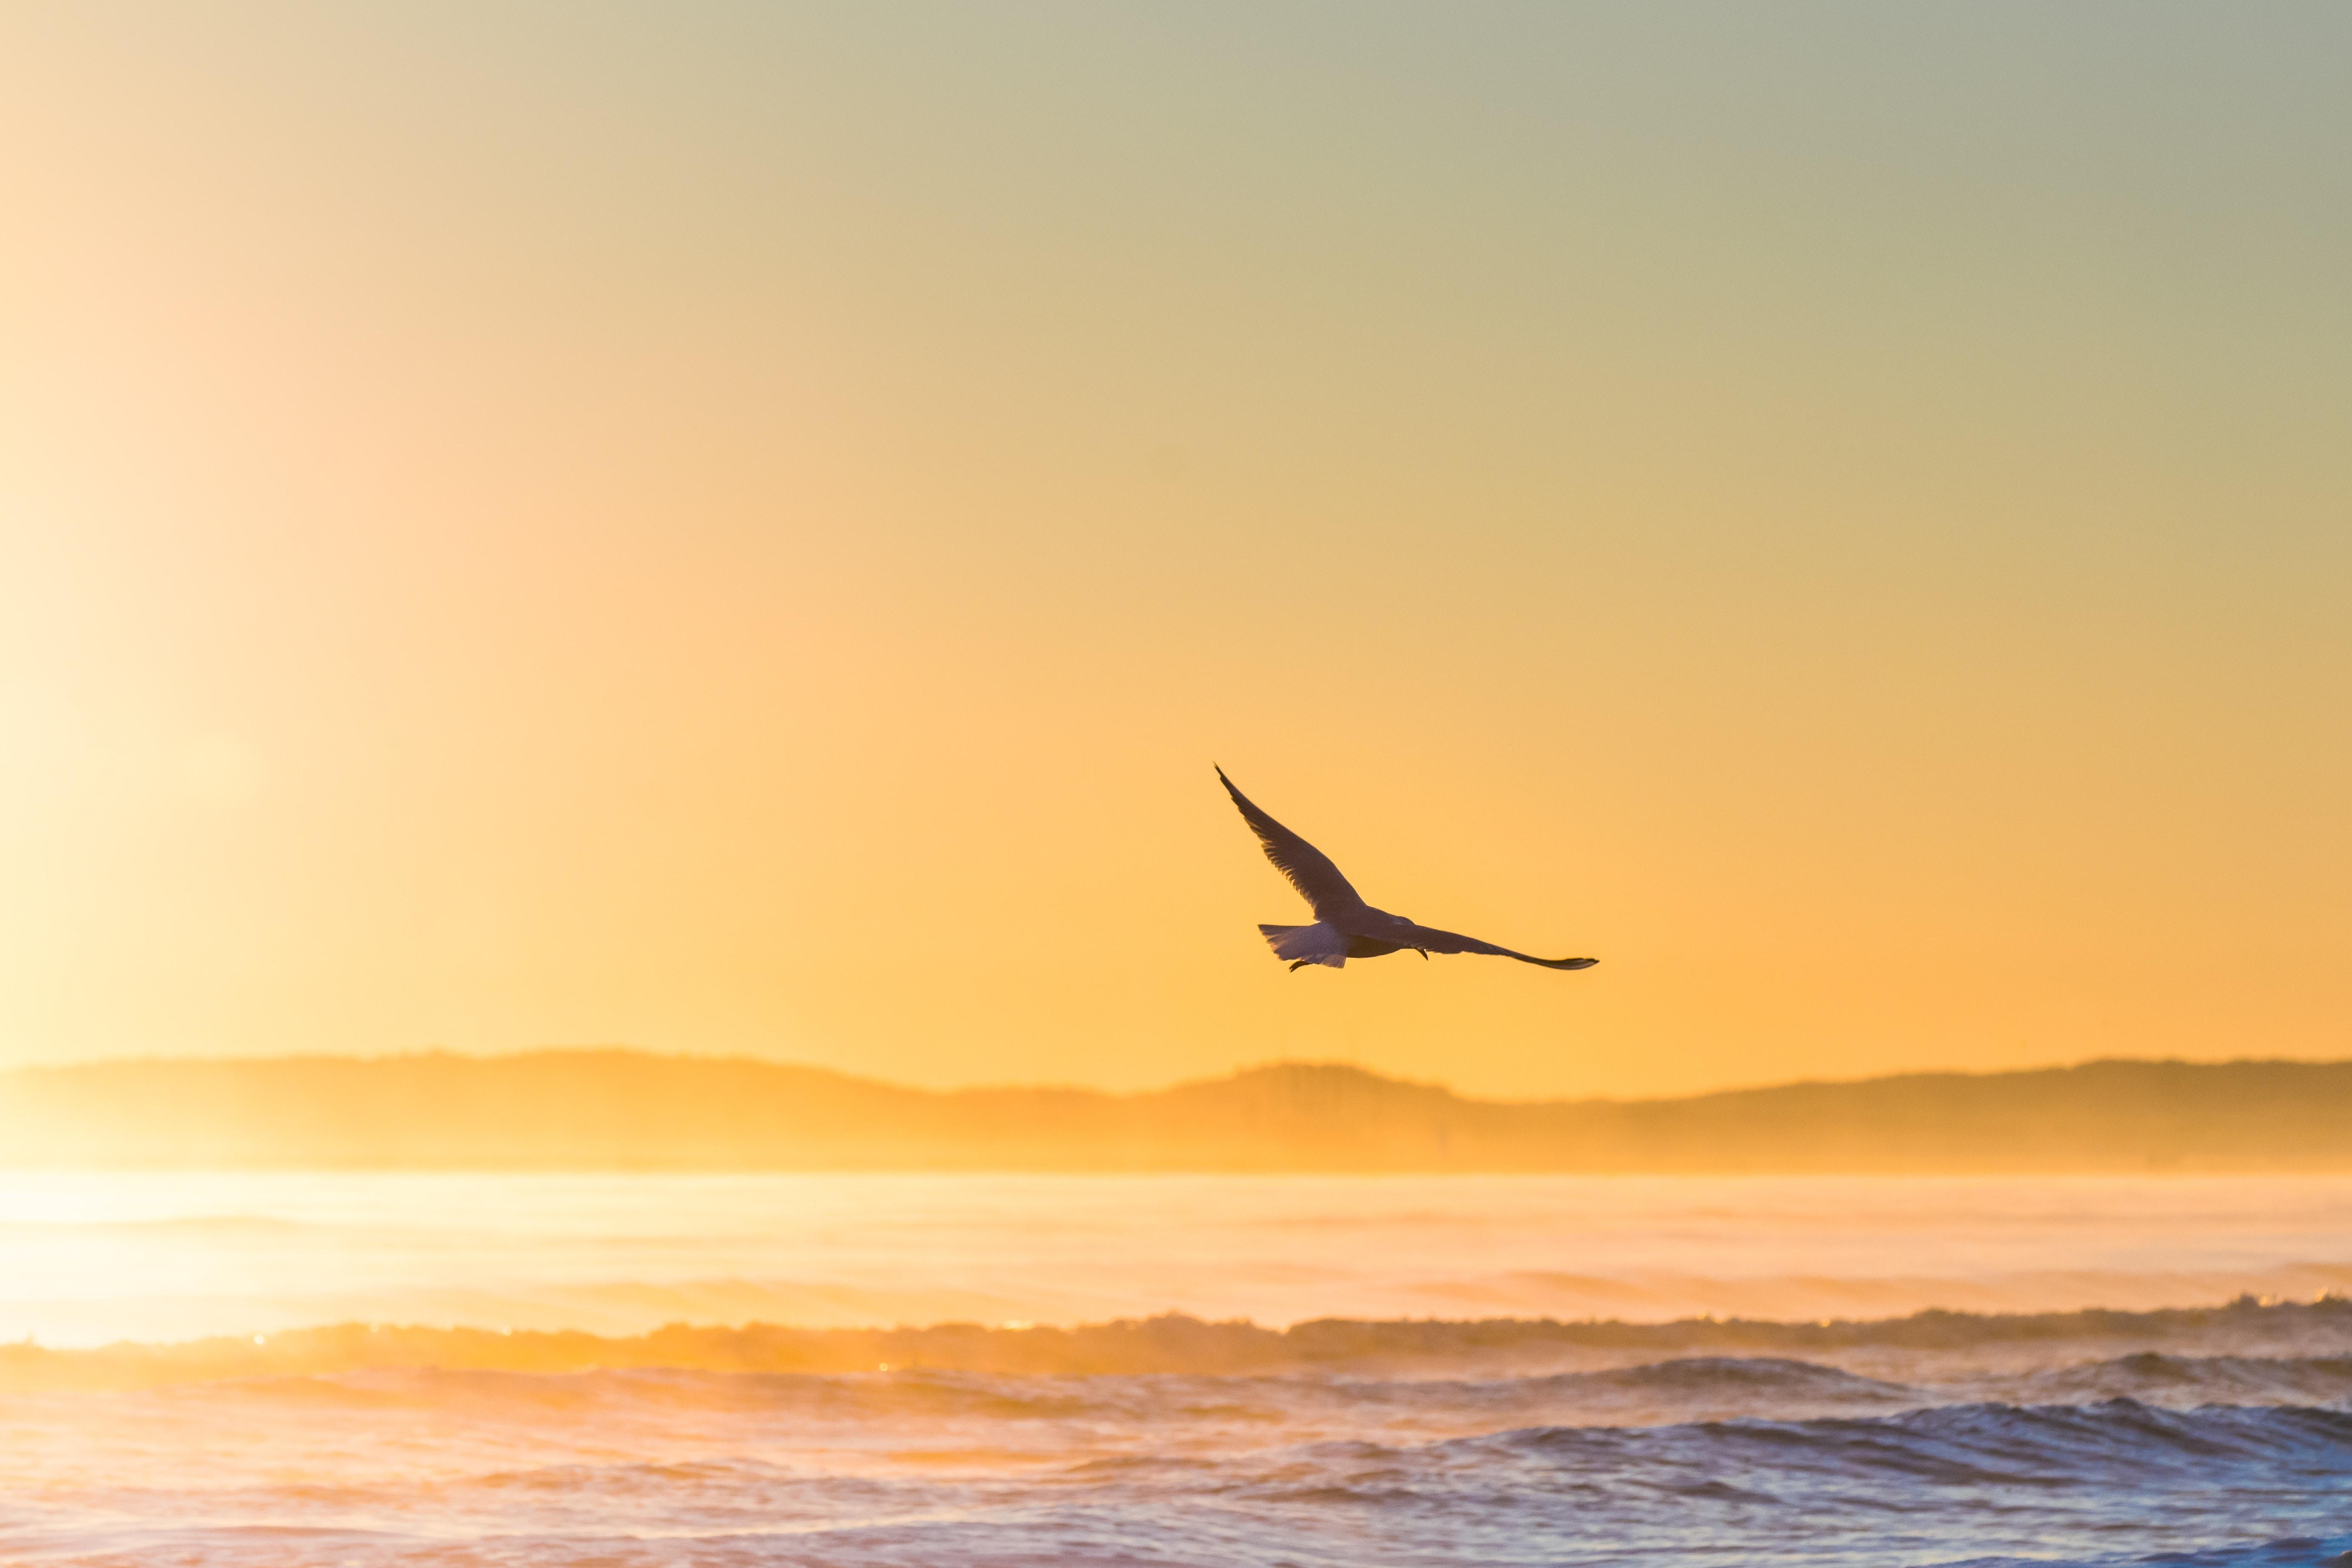 67998 fond d'écran 720x1520 sur votre téléphone gratuitement, téléchargez des images Animaux, Coucher De Soleil, Mer, Oiseau, Brouillard, Domaine, Champ, Mouette 720x1520 sur votre mobile